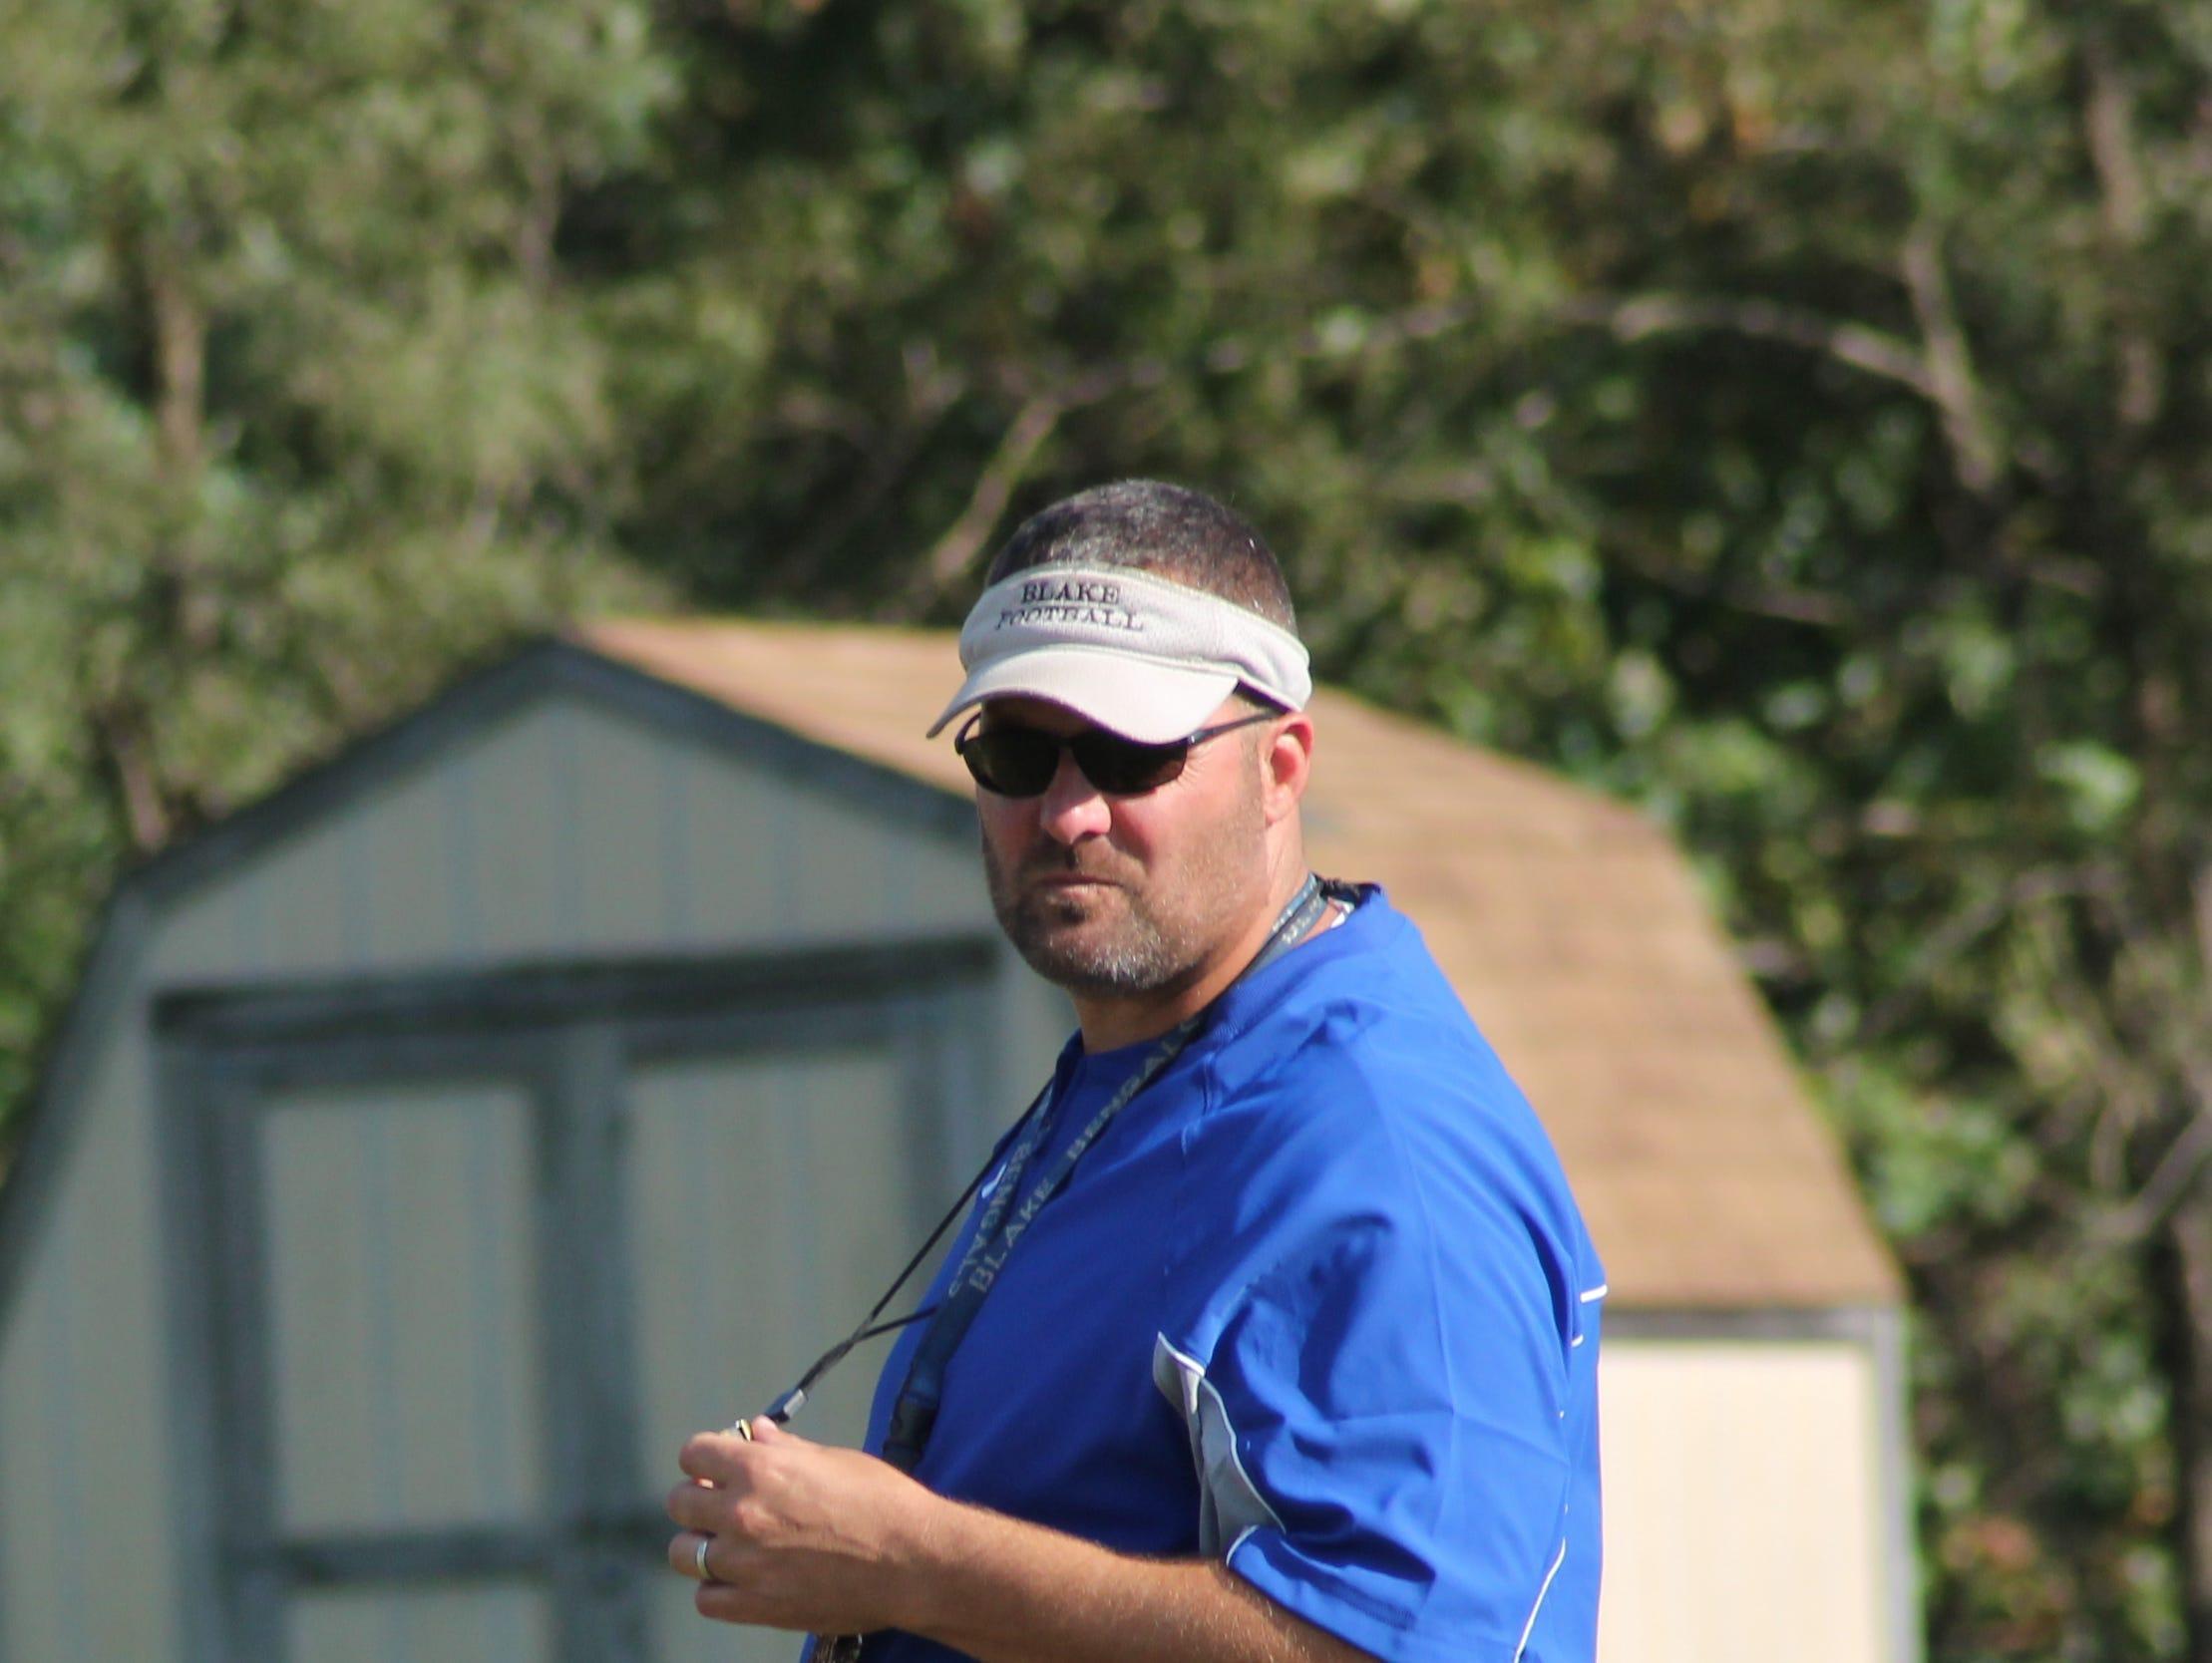 Blake head football coach Tony Nazzaro oversees football practice.